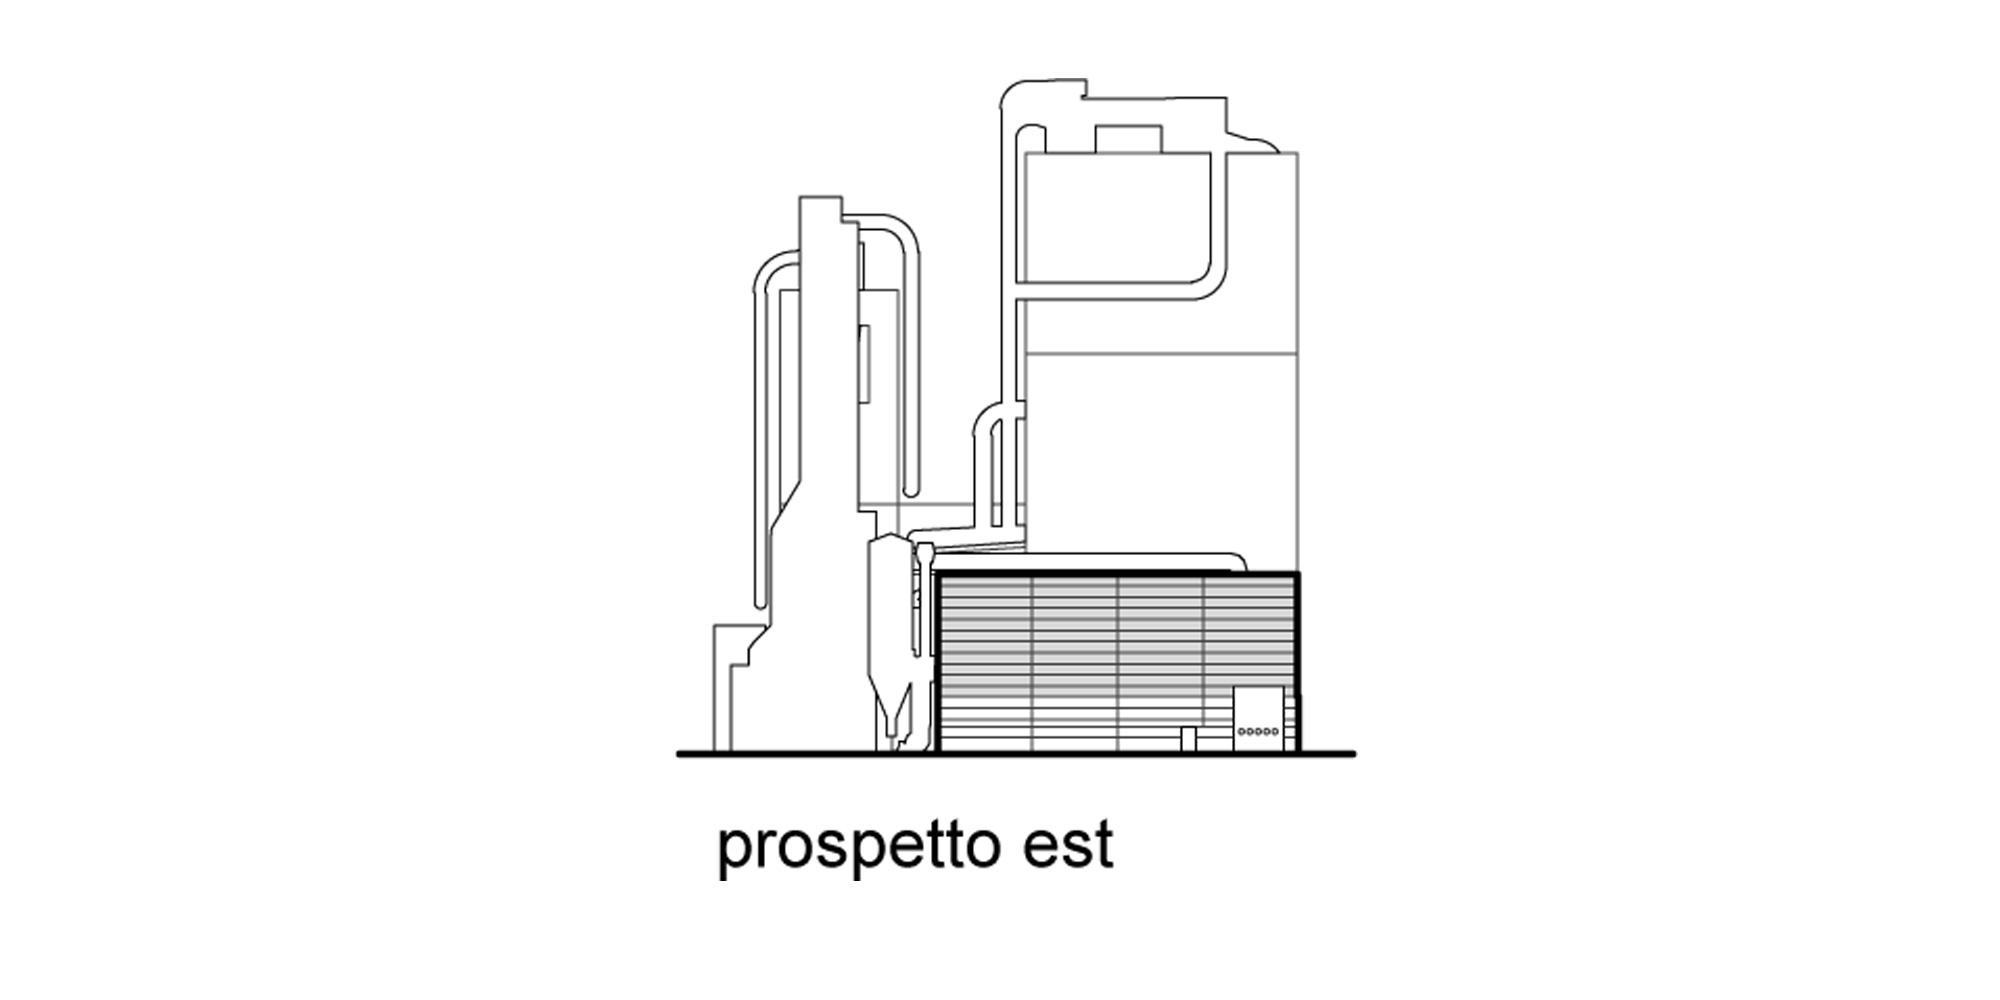 Prospetto est © Valle Architetti Associati